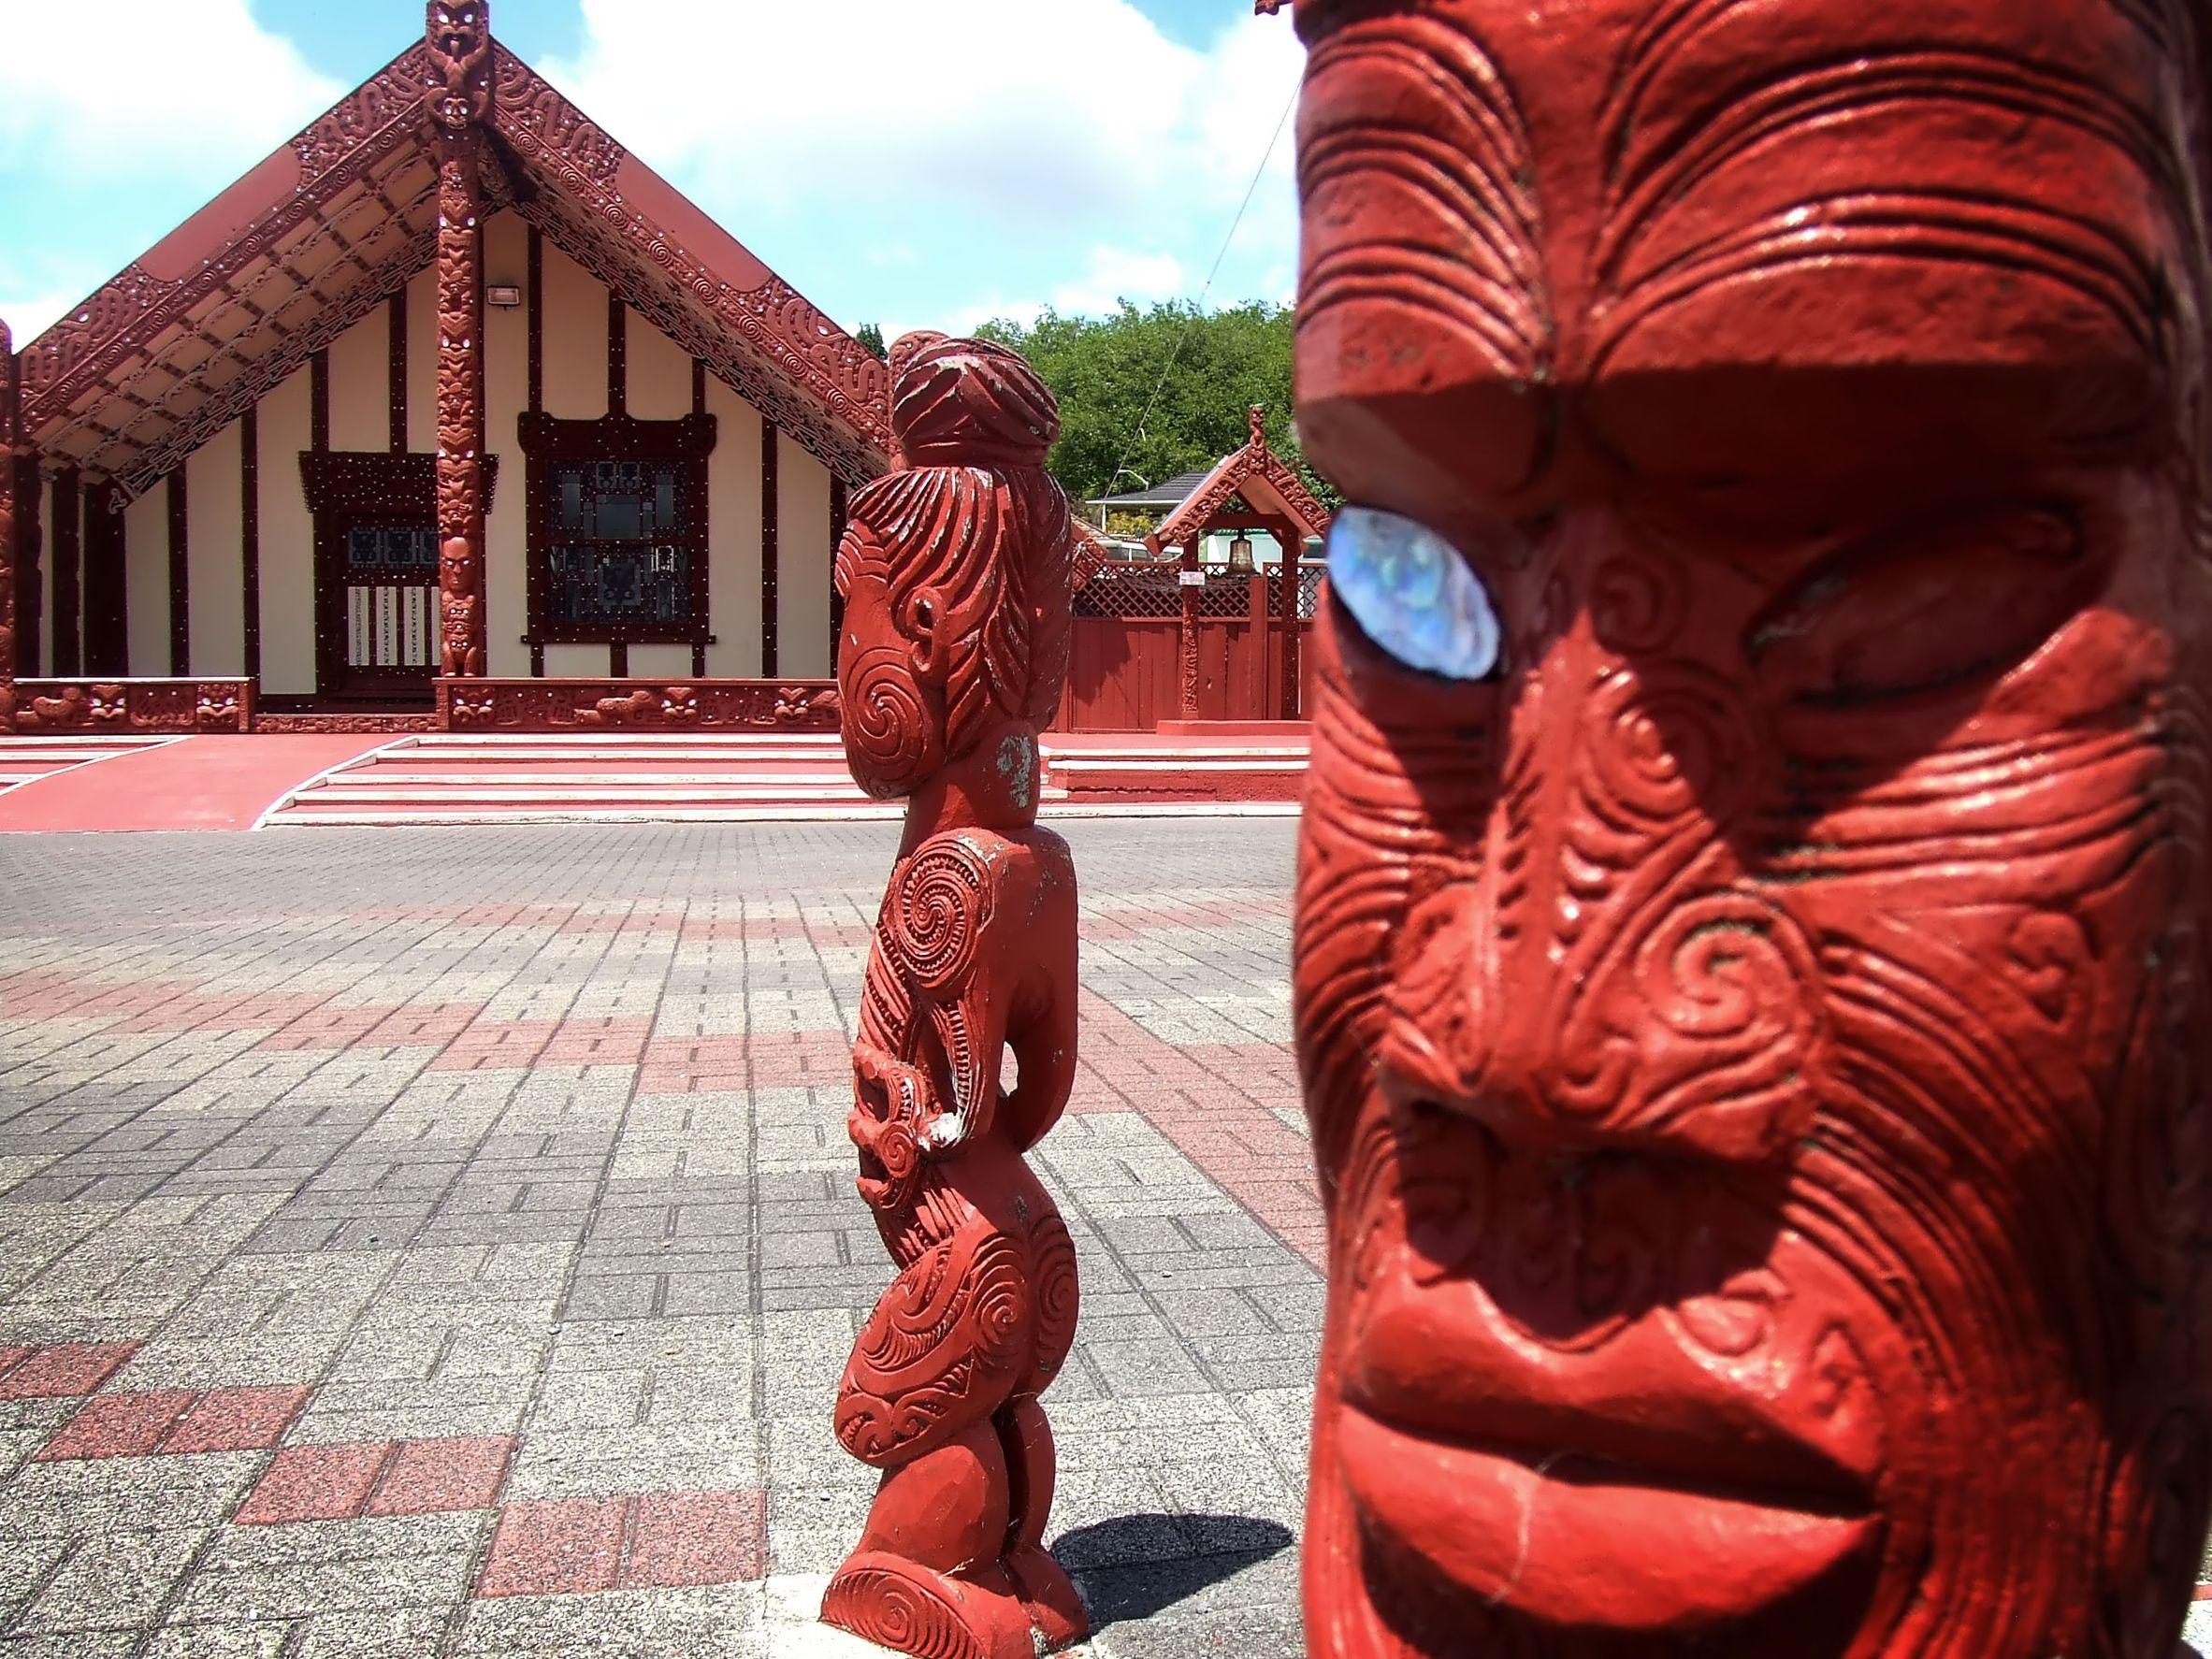 new zealand maori statues 123rf